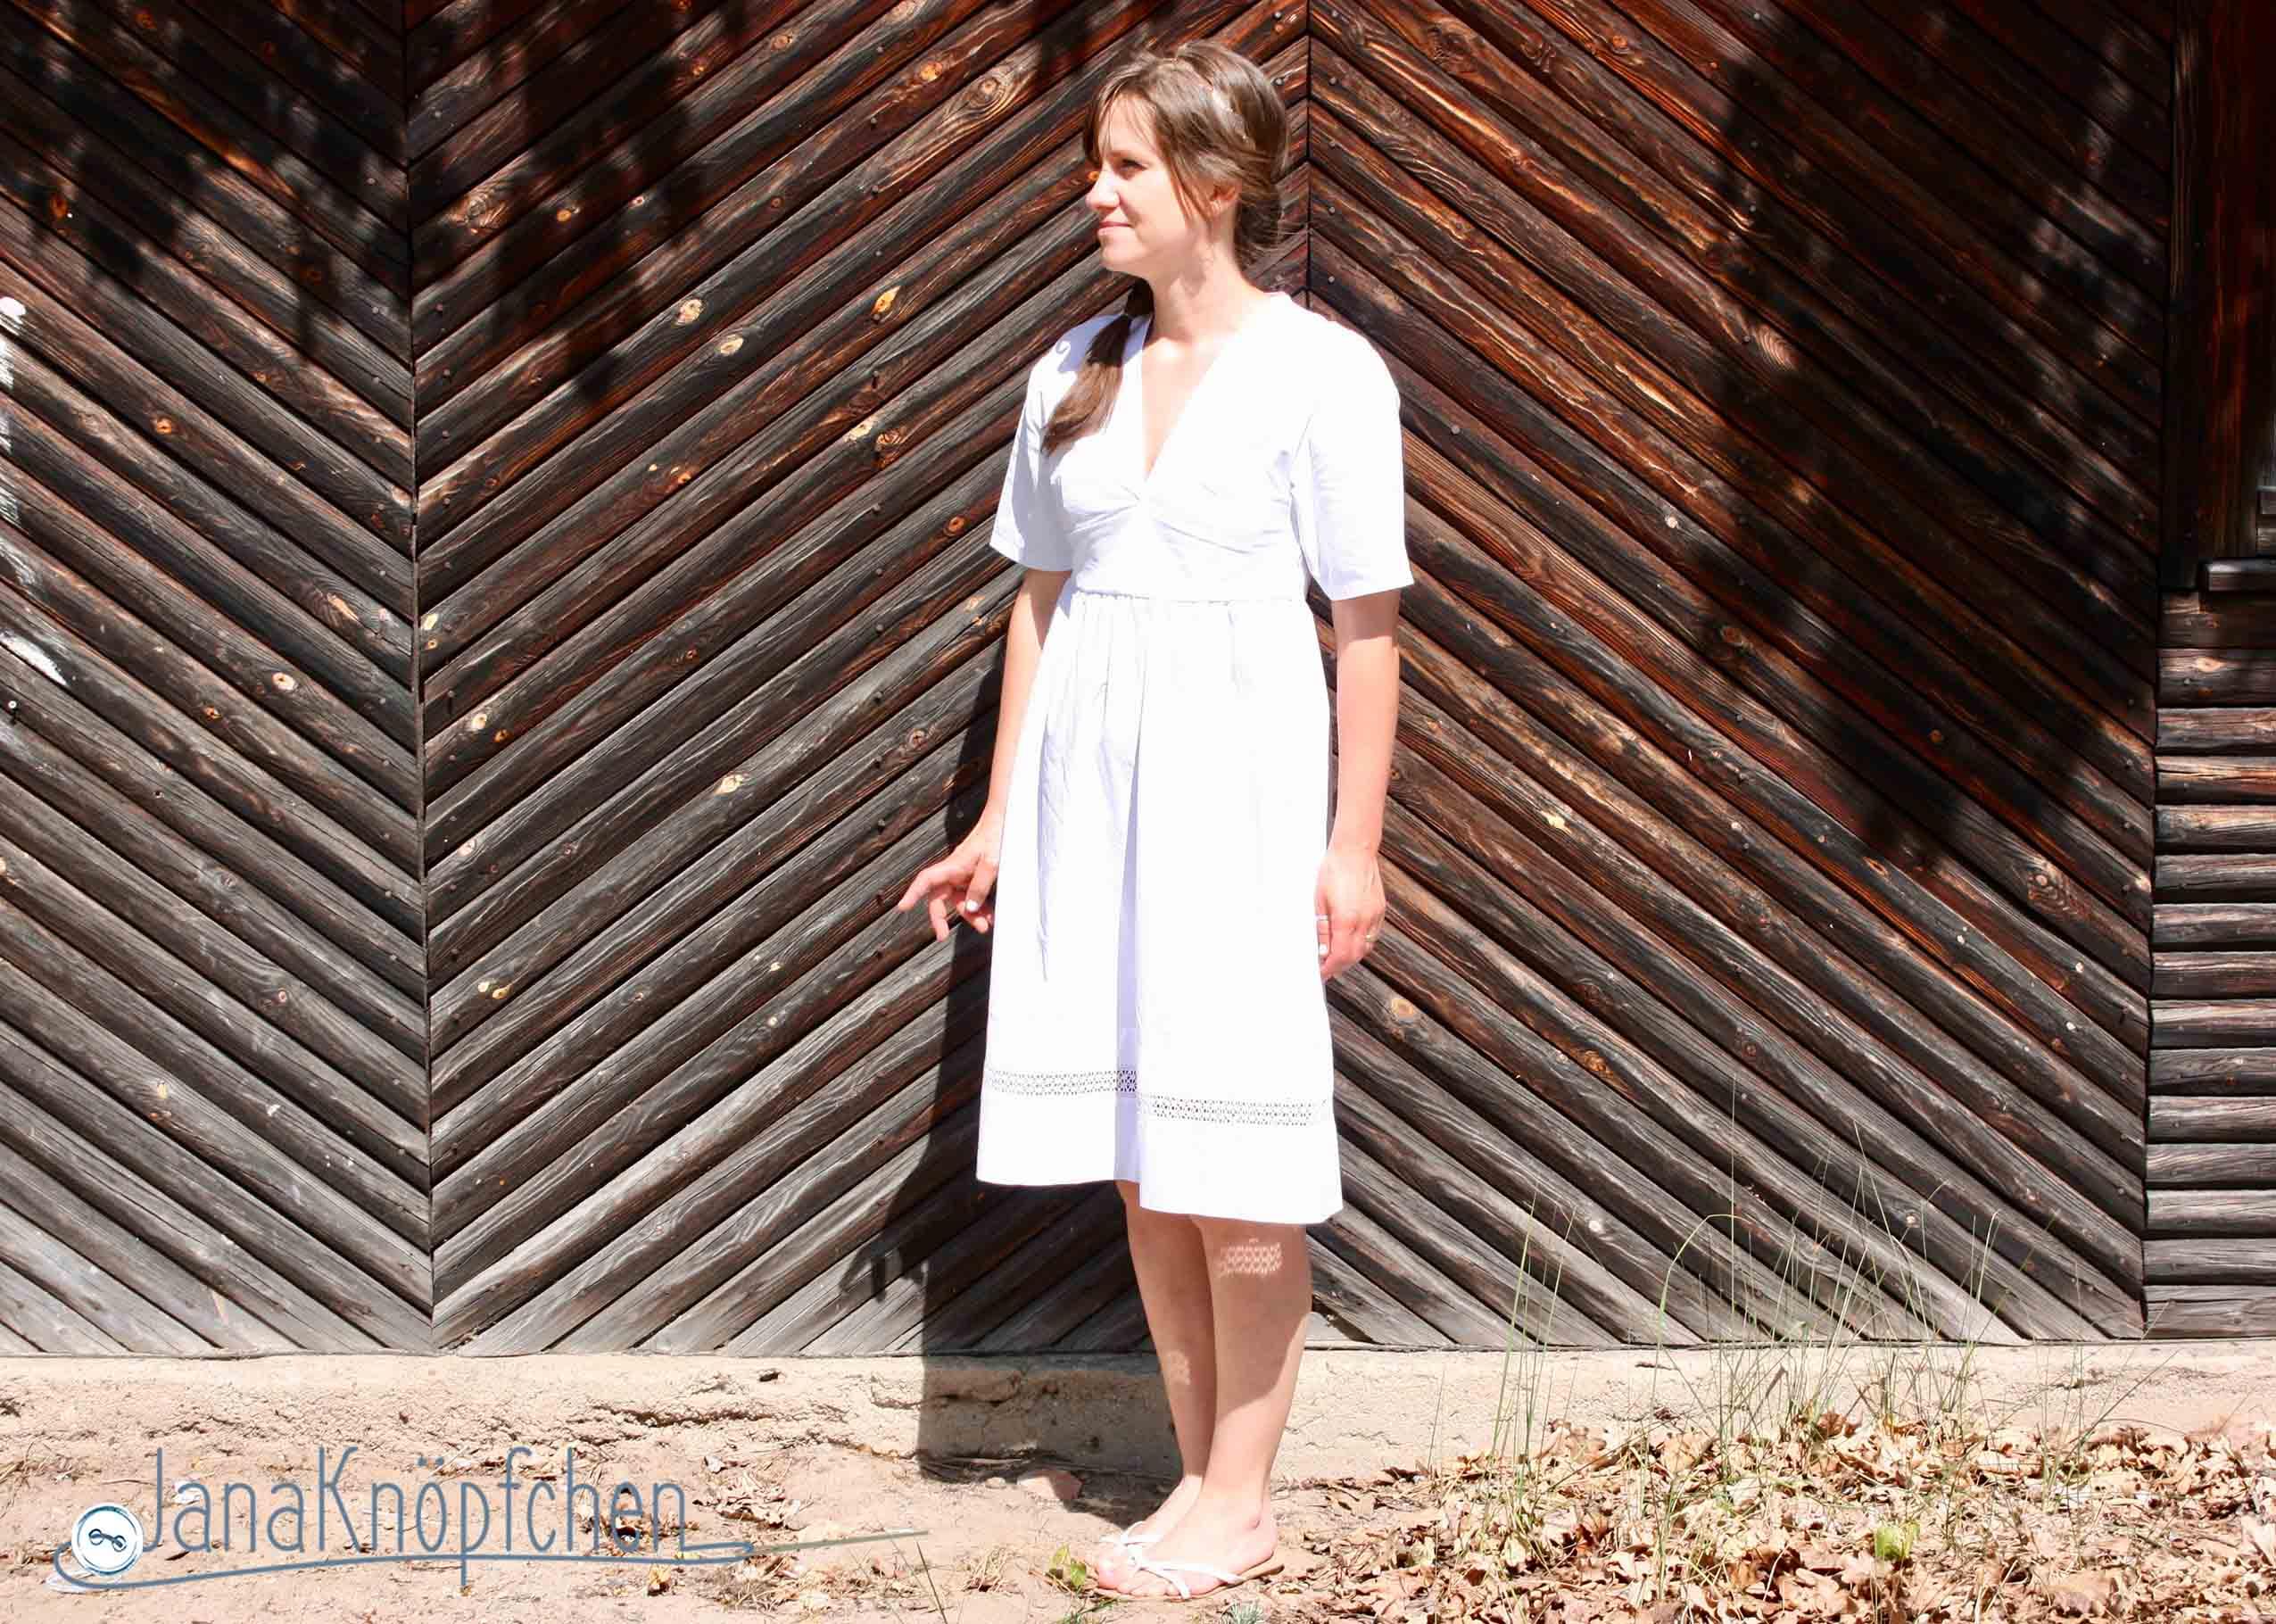 Weißes Frühlingskleid nach einem Burdaschnitt nähen. JanaKnöpfchen. Nähen für Jungs - Nähblog